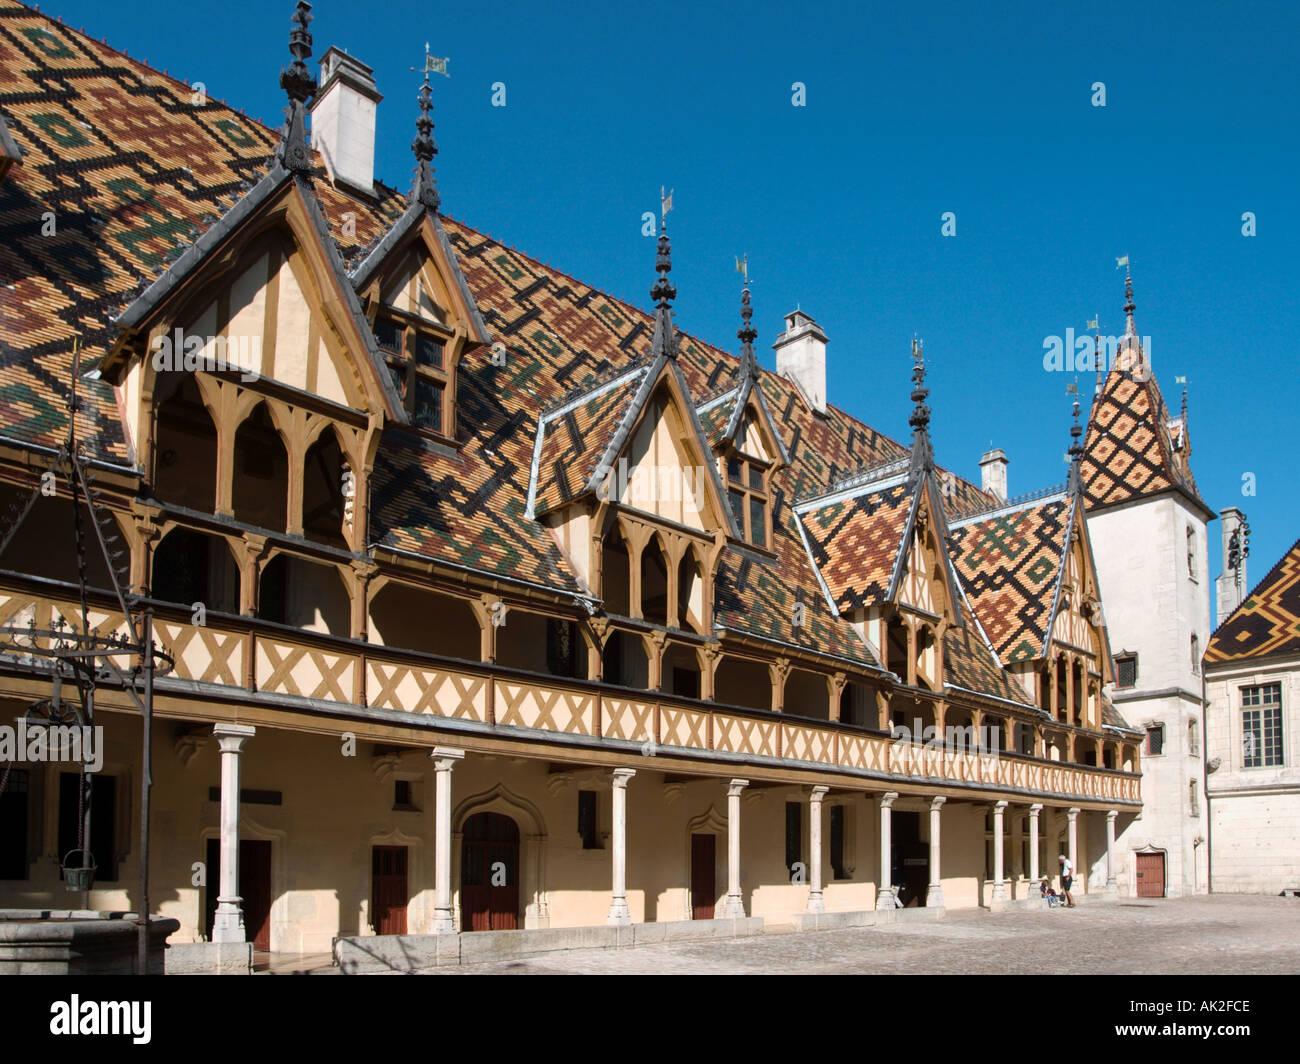 Hospices de Beaune or Hôtel-Dieu de Beaune, Beaune, Cote d'Or, Burgundy, France - Stock Image